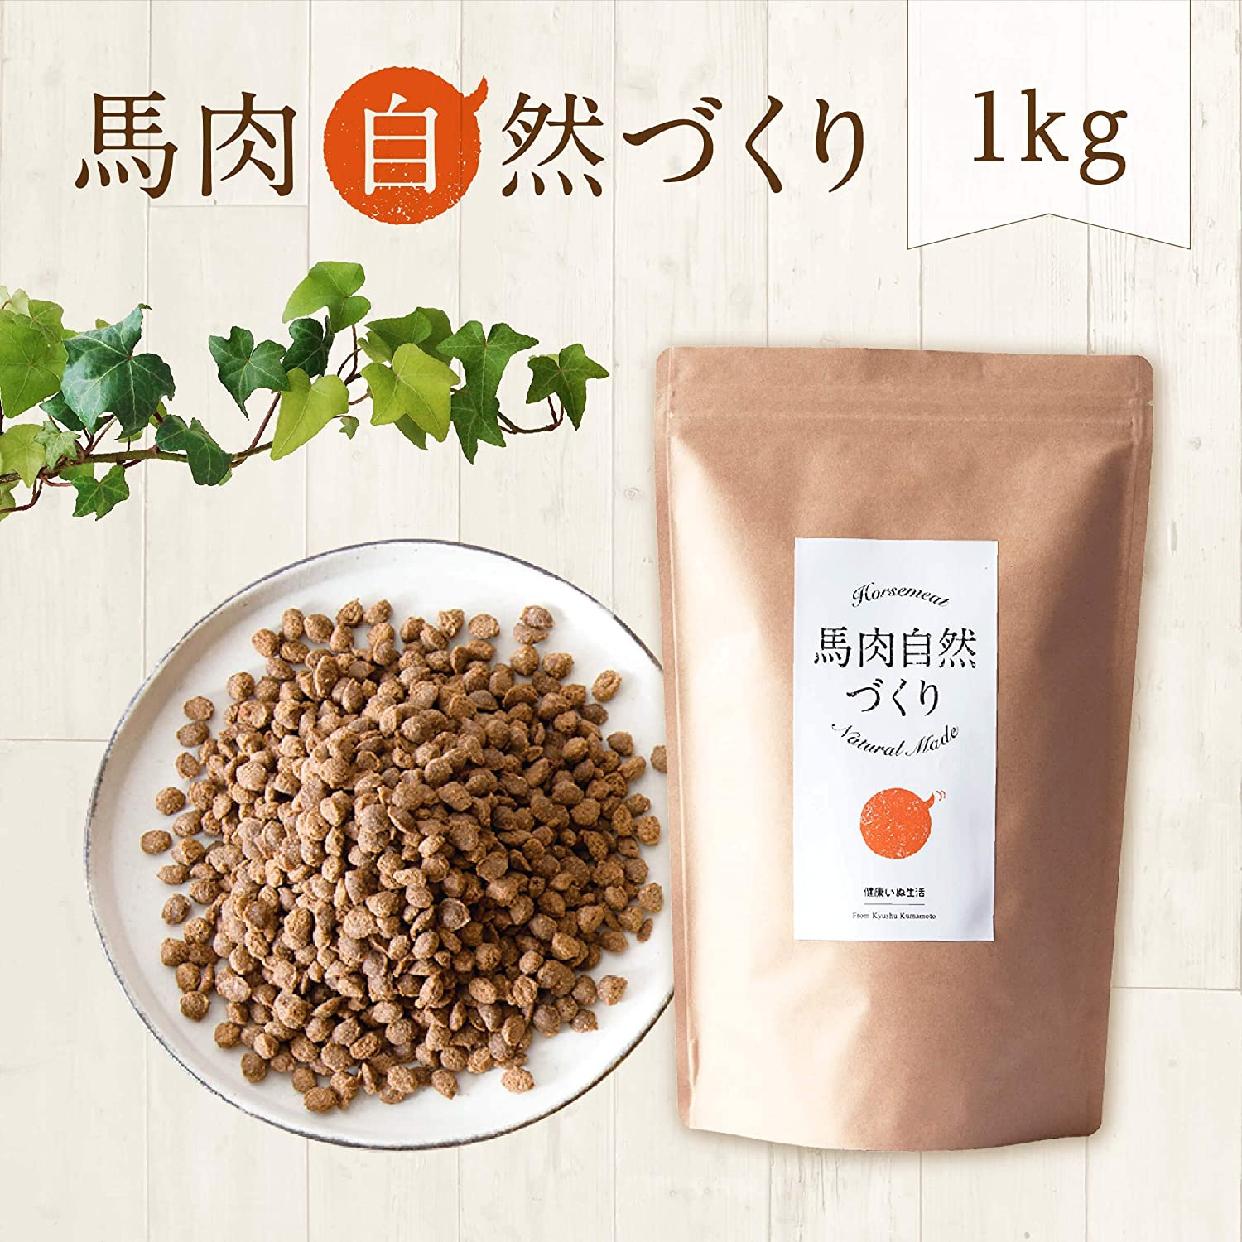 健康いぬ生活(ケンコウイヌセイカツ) 馬肉自然づくり  1kg (1kg×1袋)の商品画像6